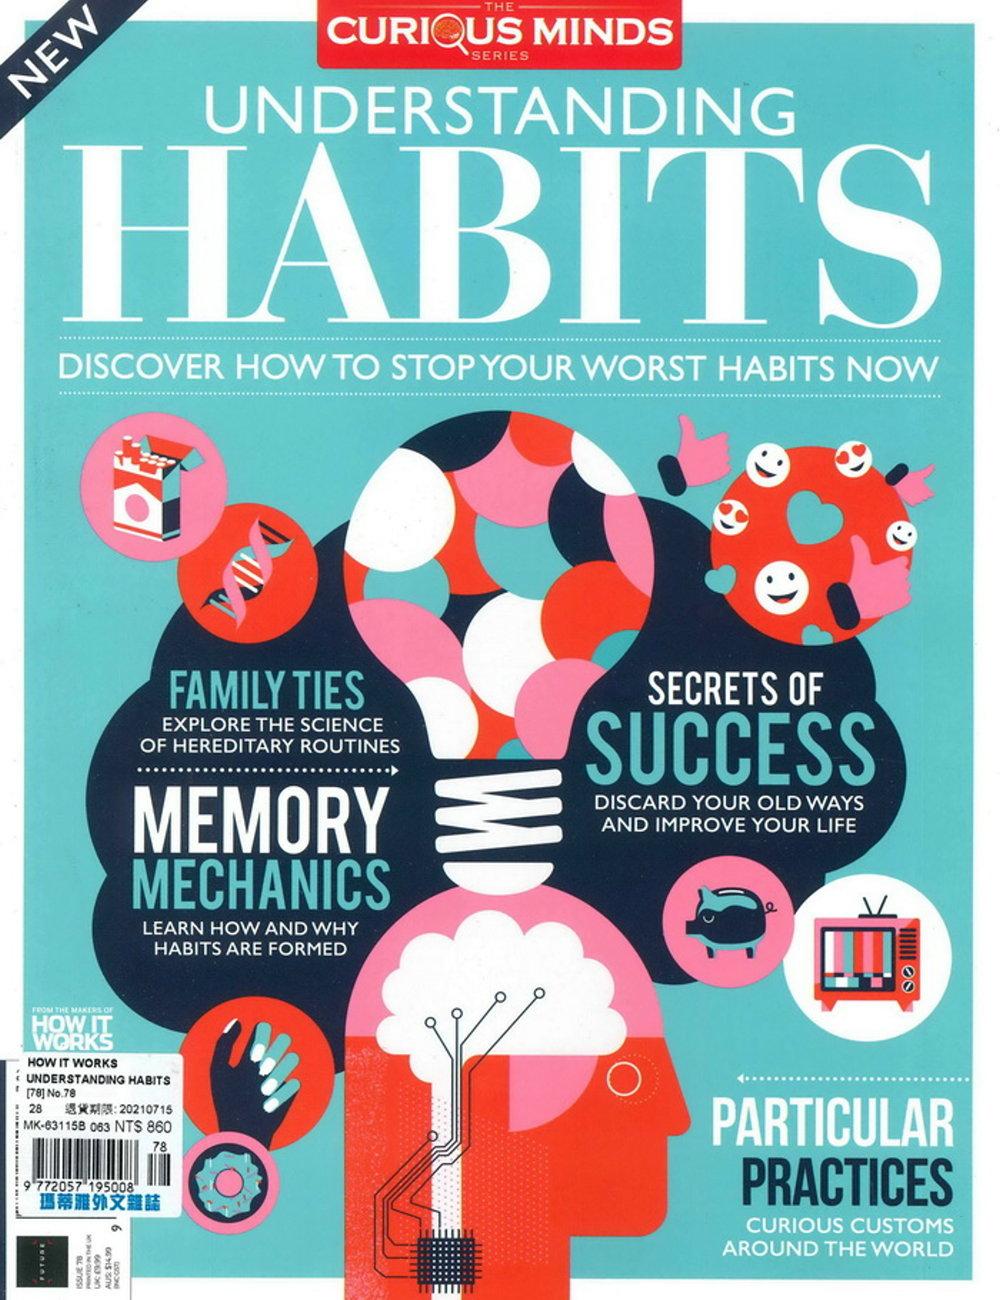 HOW IT WORKS BOOK OF UNDERSTANDING HABITS 第78期